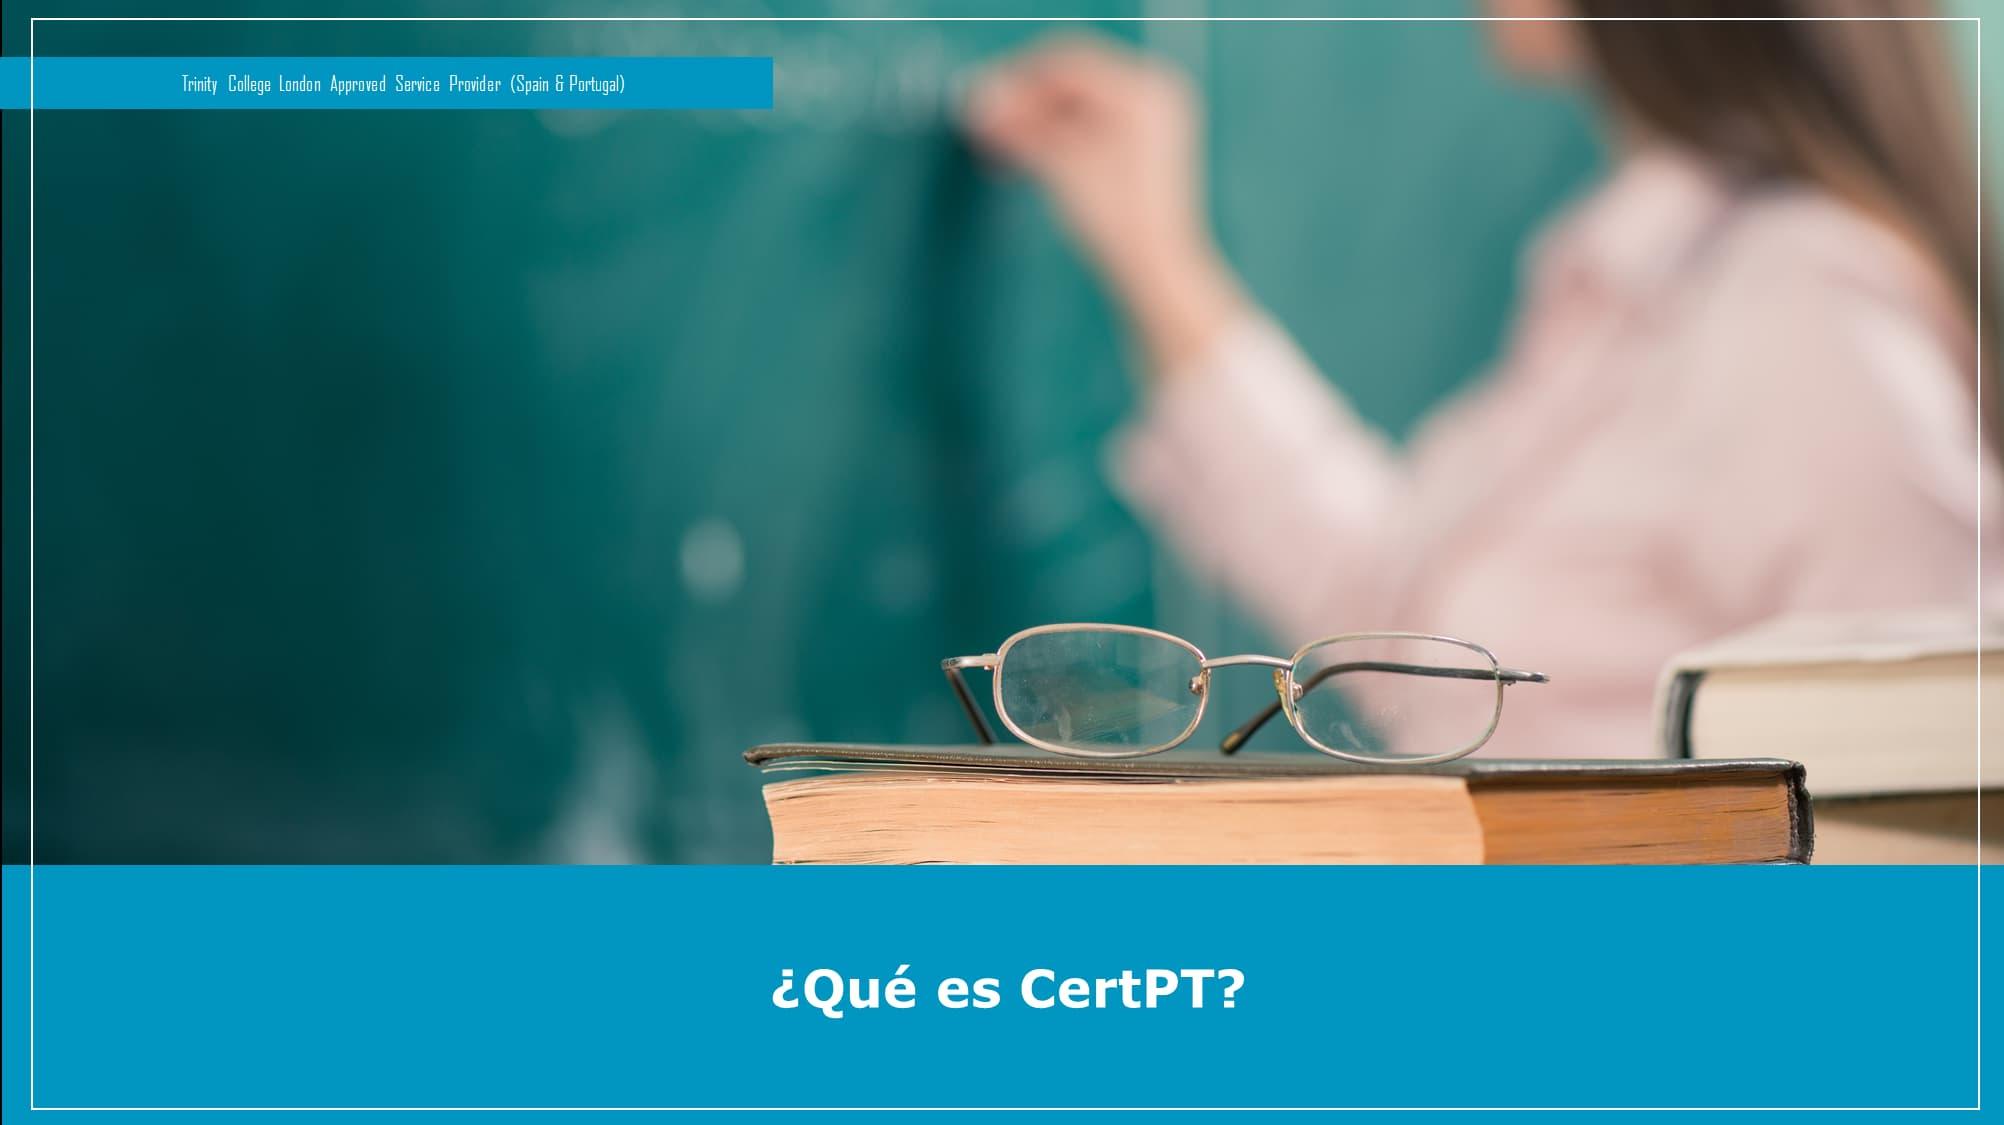 Qué es CertPT